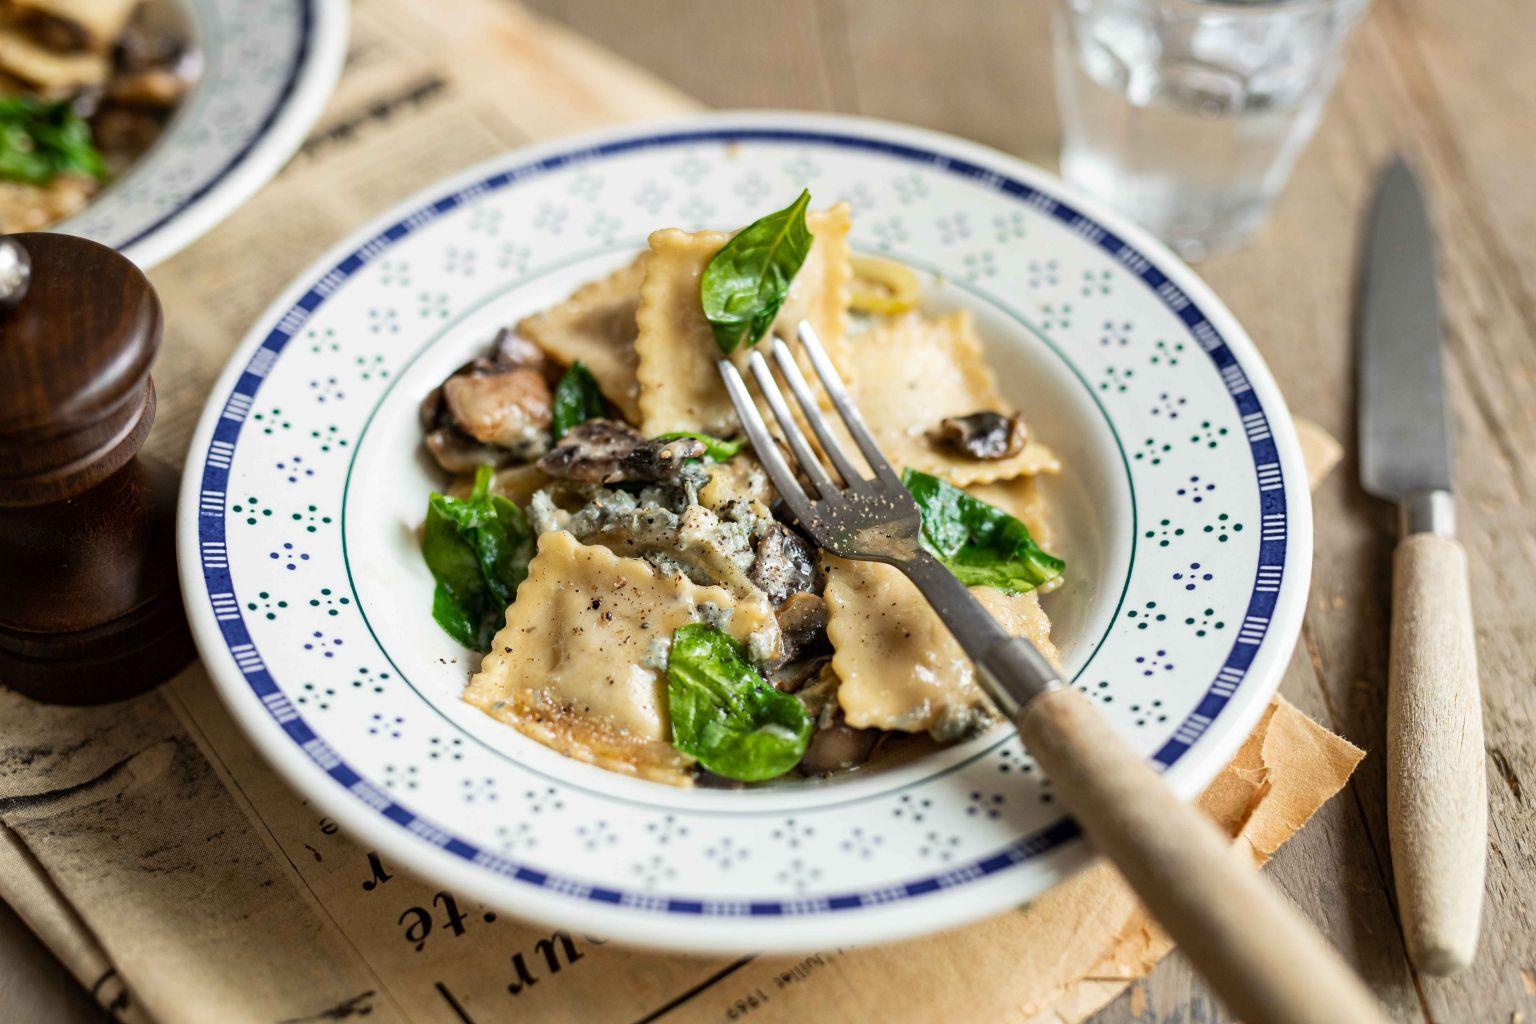 Ravioli aux girolles et sauce au gorgonzola